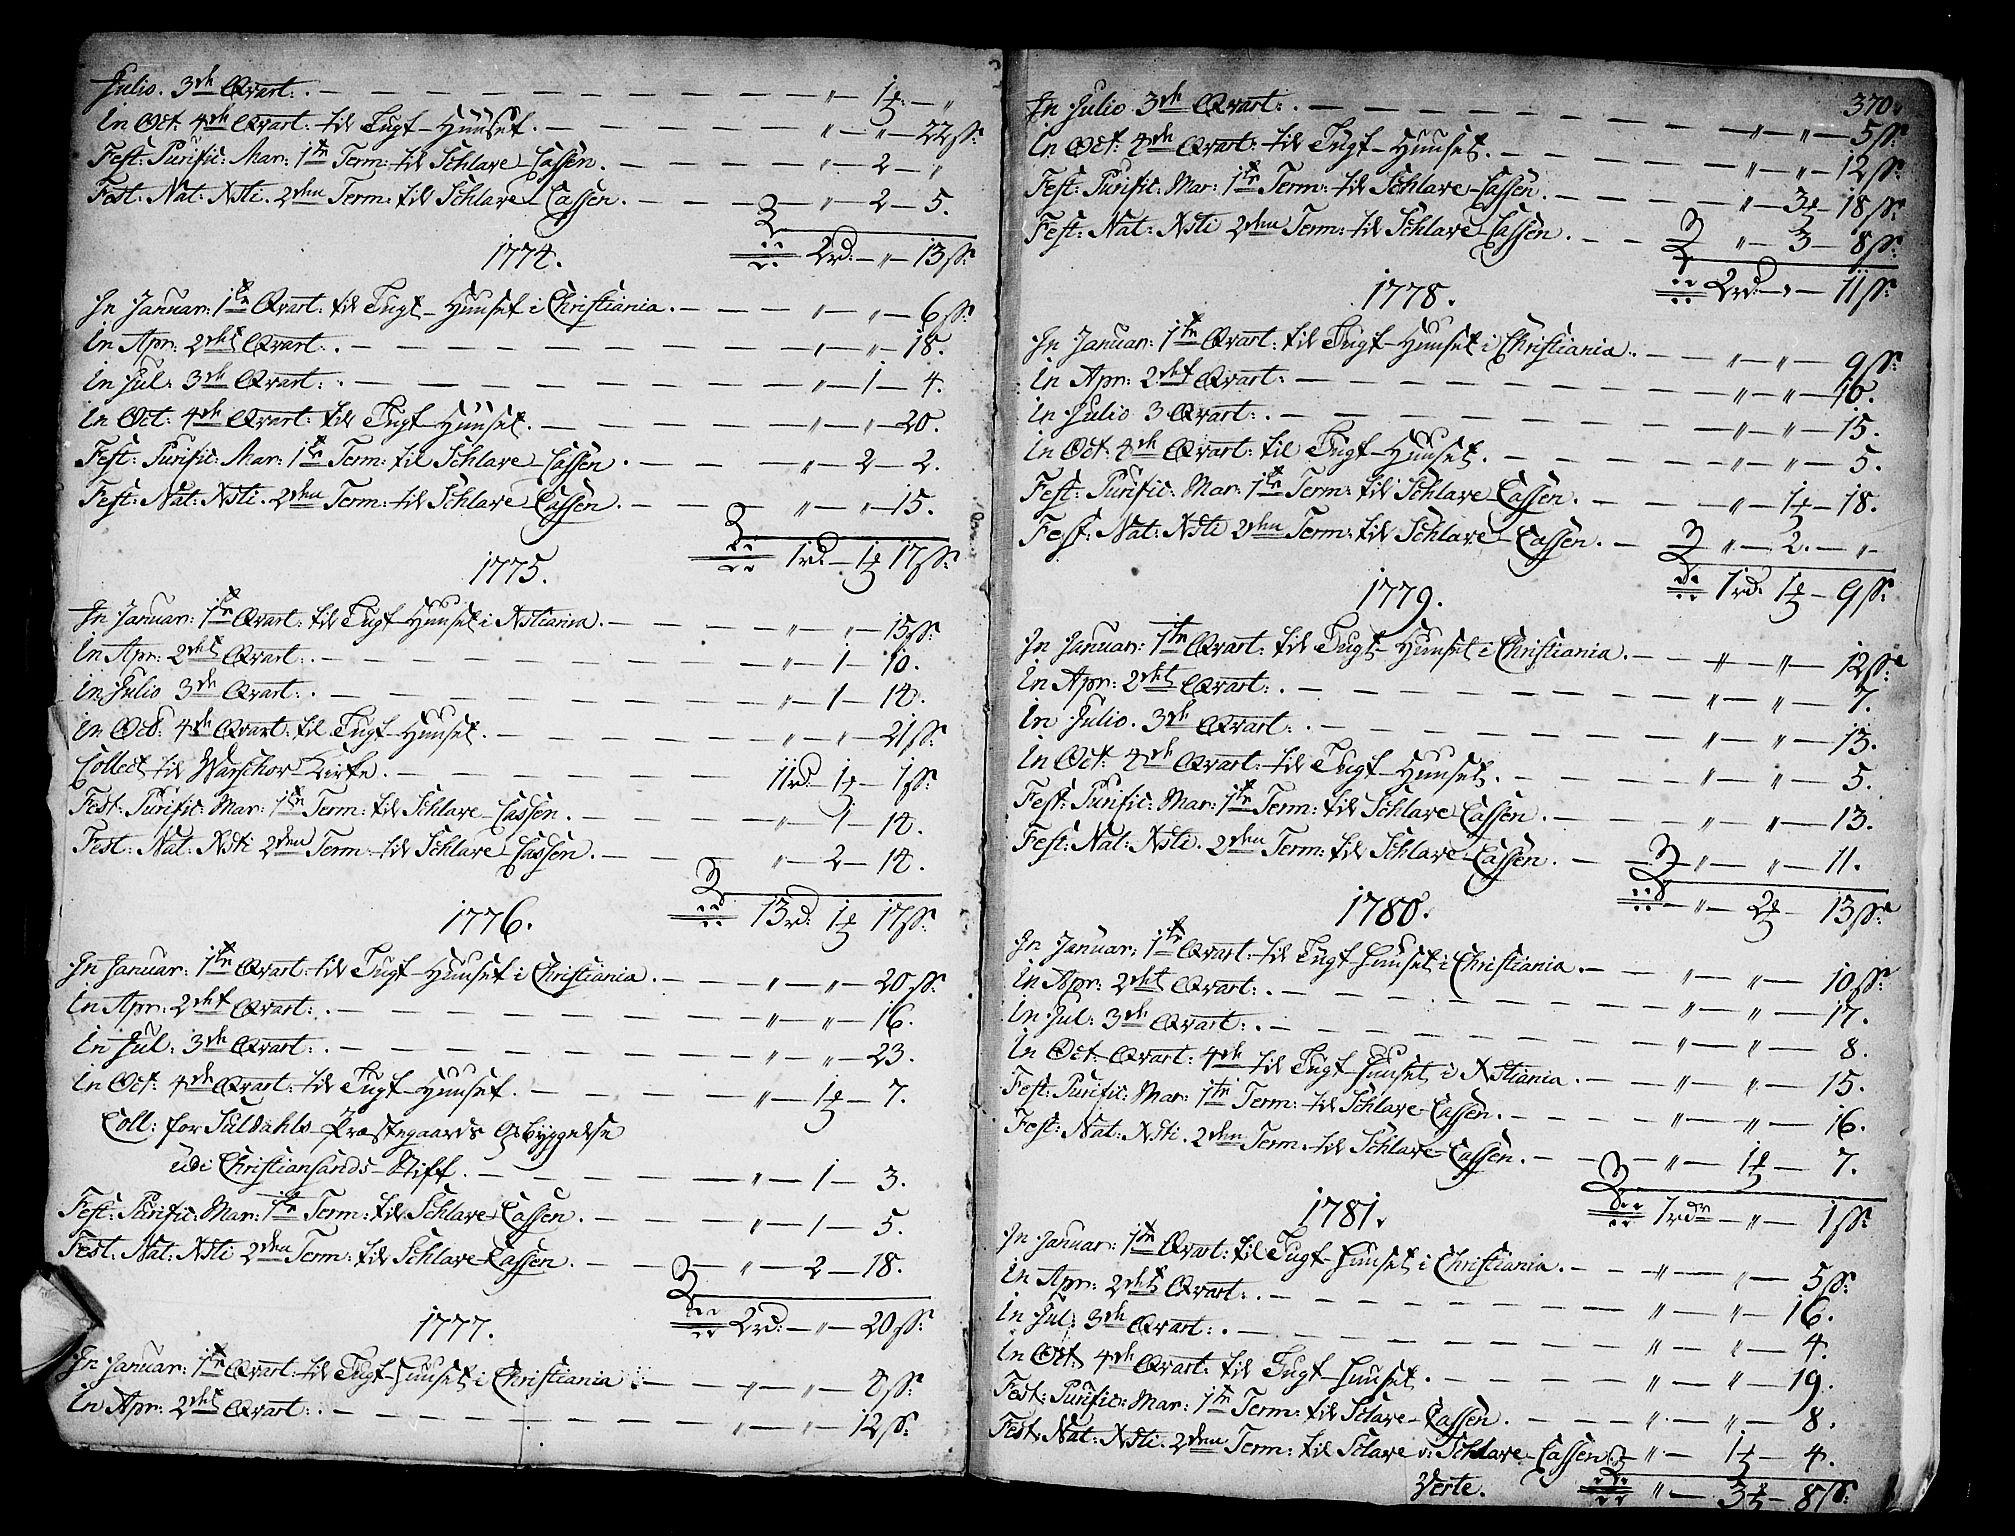 SAKO, Kongsberg kirkebøker, F/Fa/L0005: Ministerialbok nr. I 5, 1769-1782, s. 370